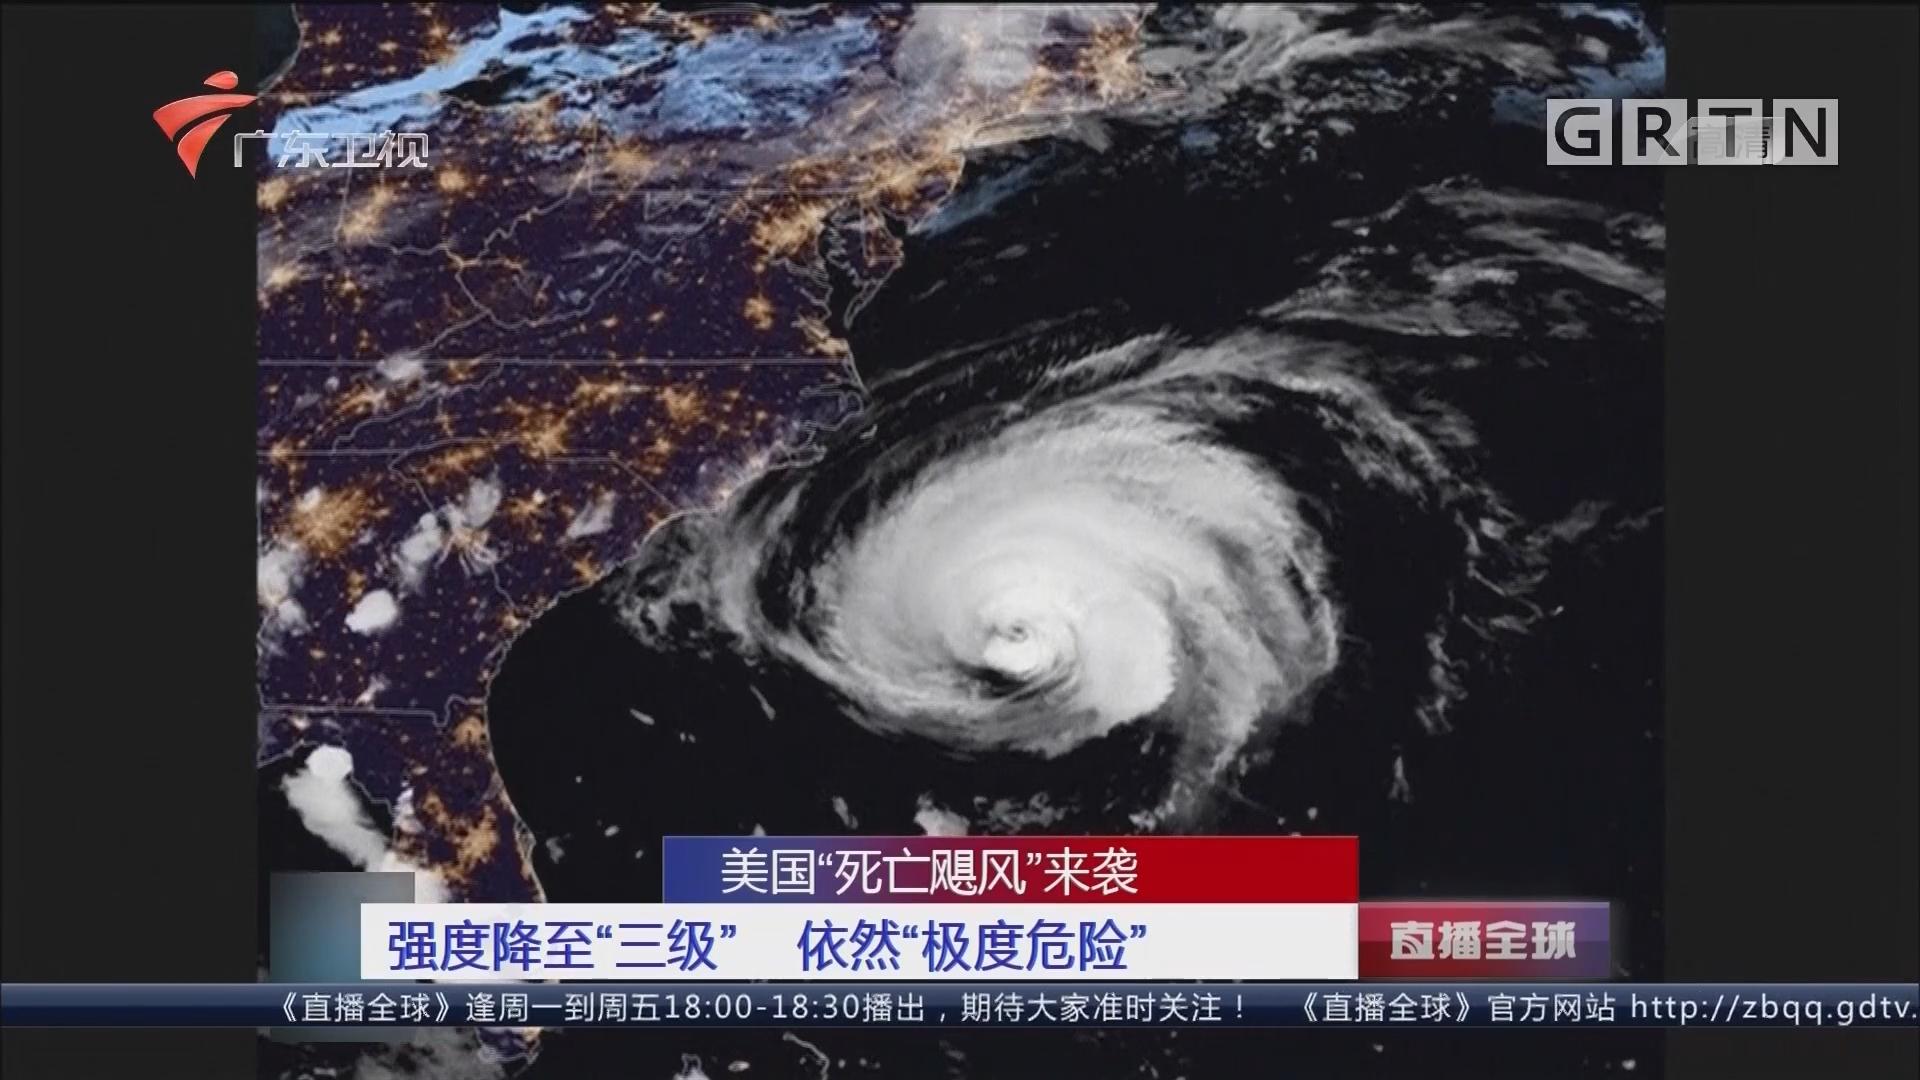 """美国""""死亡飓风""""来袭:强度降至""""三级"""" 依然""""极度危险"""""""